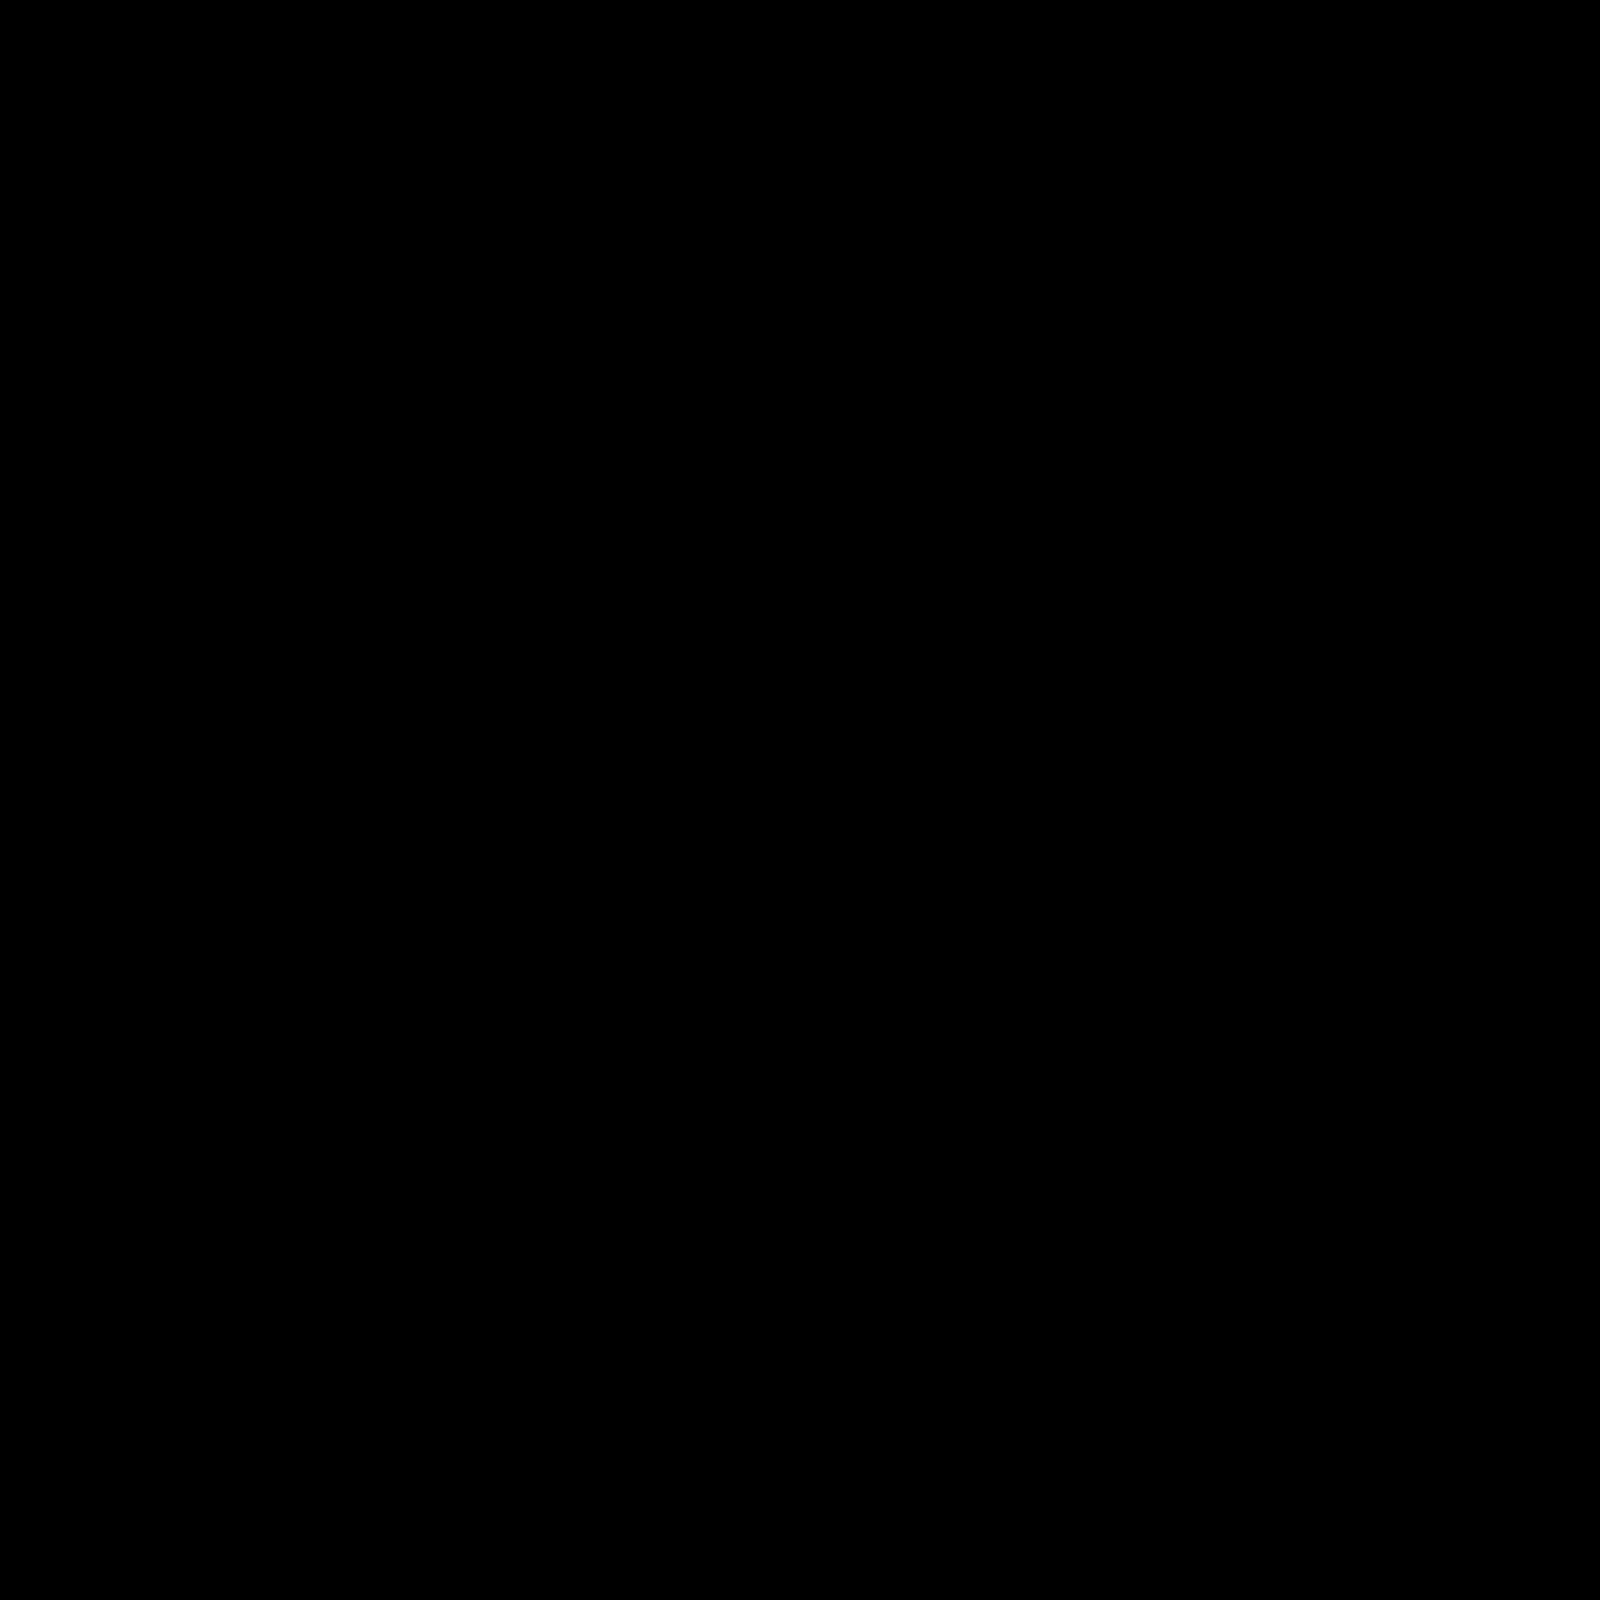 2 Schlüssel icon